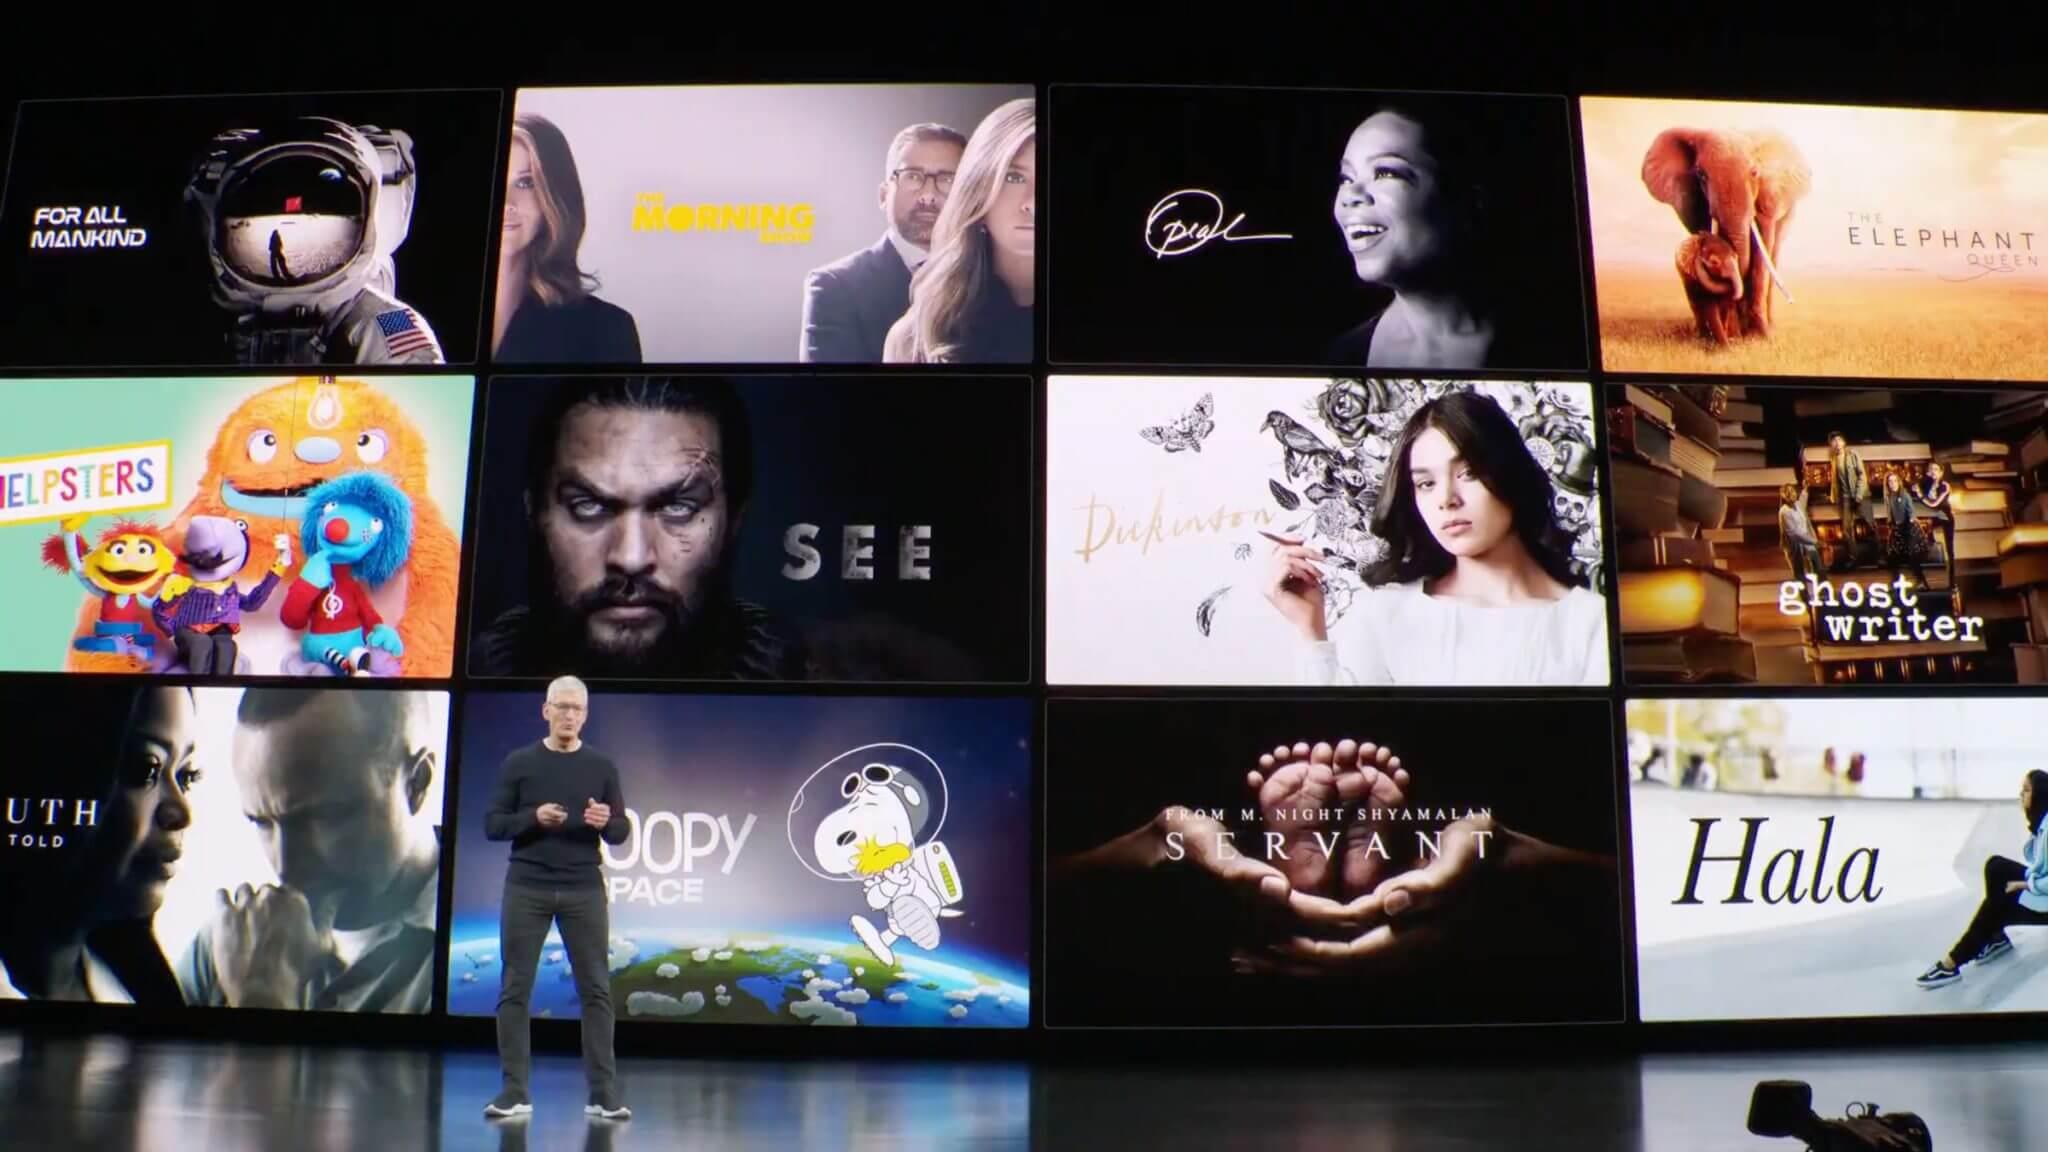 Почему в Apple TV+ есть только эксклюзивные фильмы и сериалы